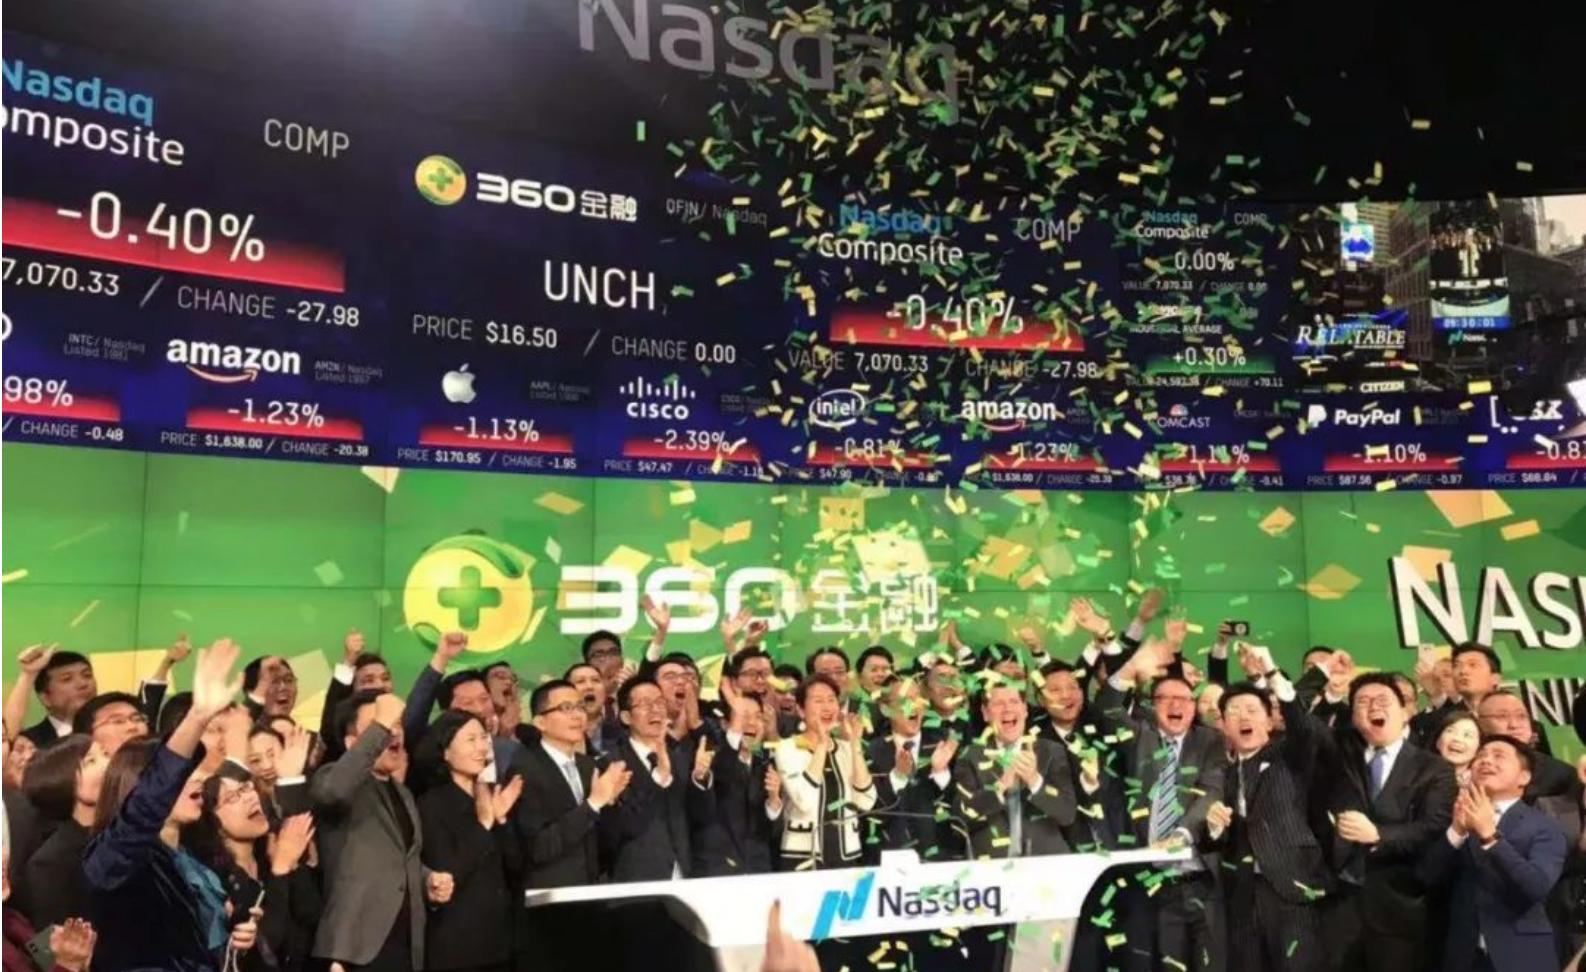 周鸿祎的第二家上市公司 360金融正式登陆纳斯达克